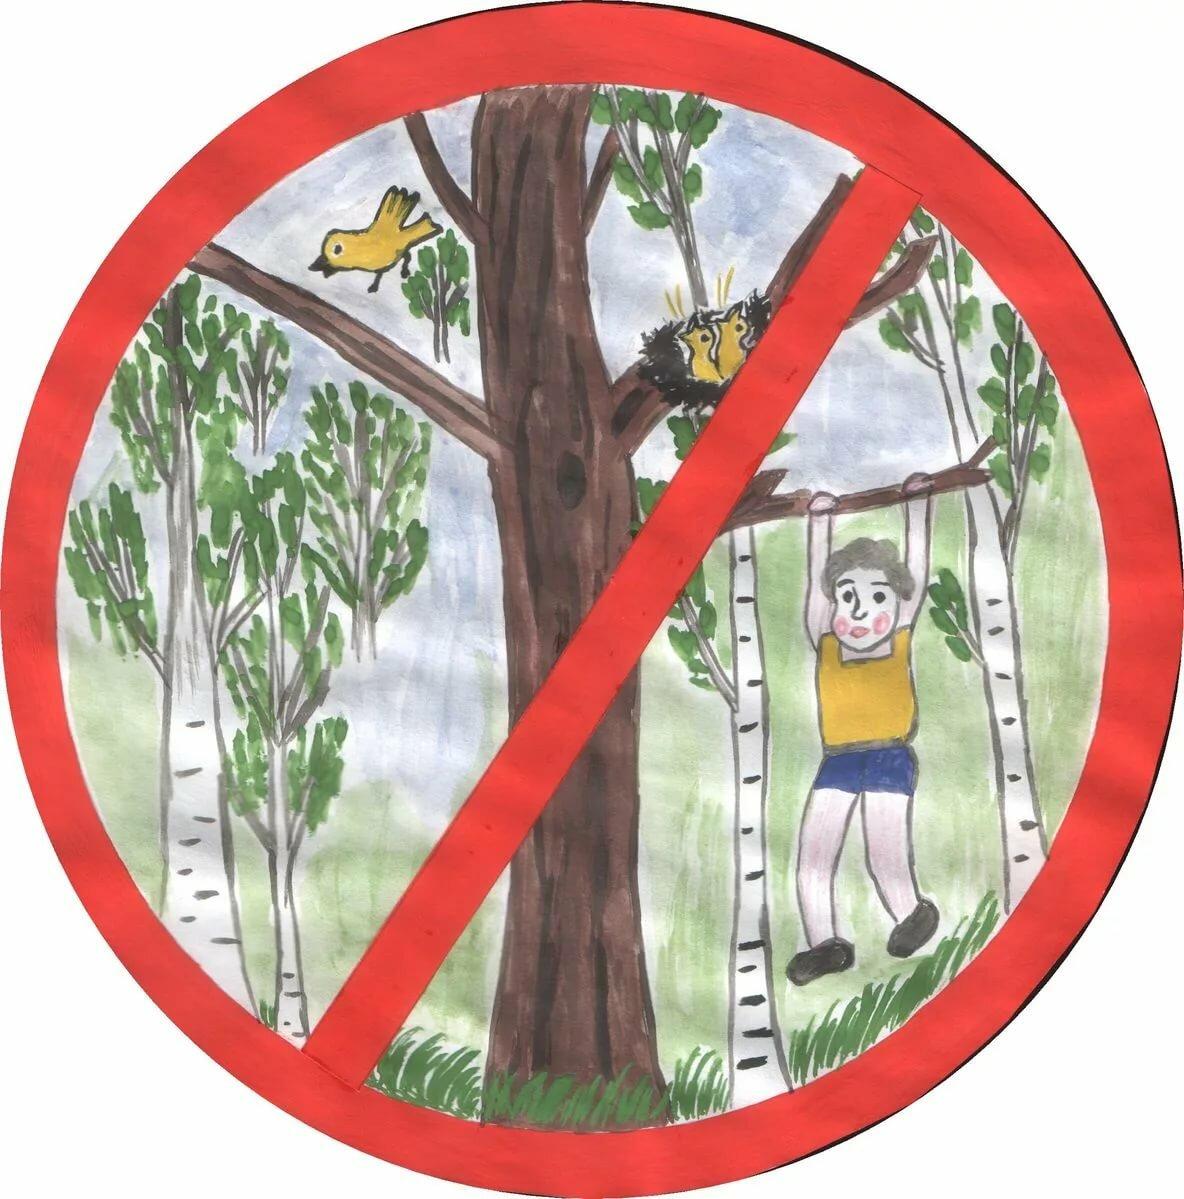 Картинки об охране природы для детей дошкольного возраста